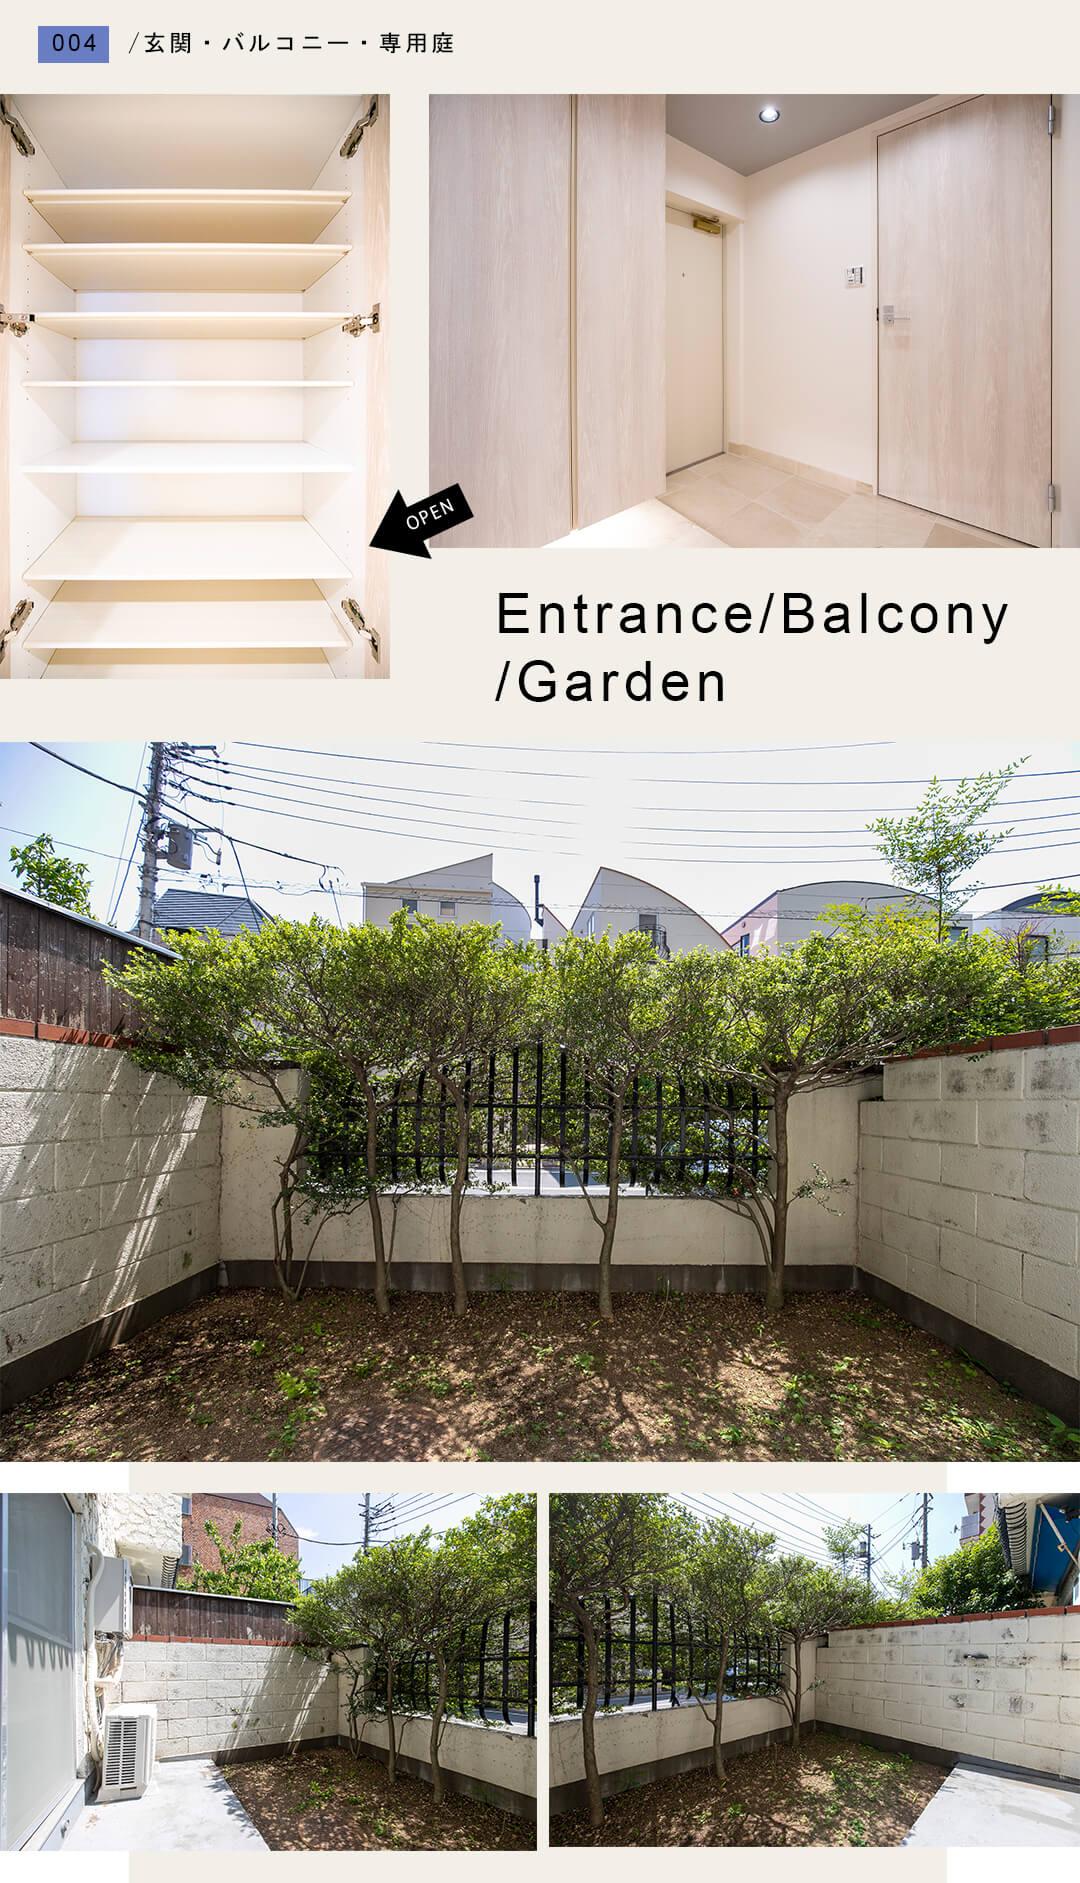 004玄関,バルコニー,専用庭,Entrance,Balcony,Garden